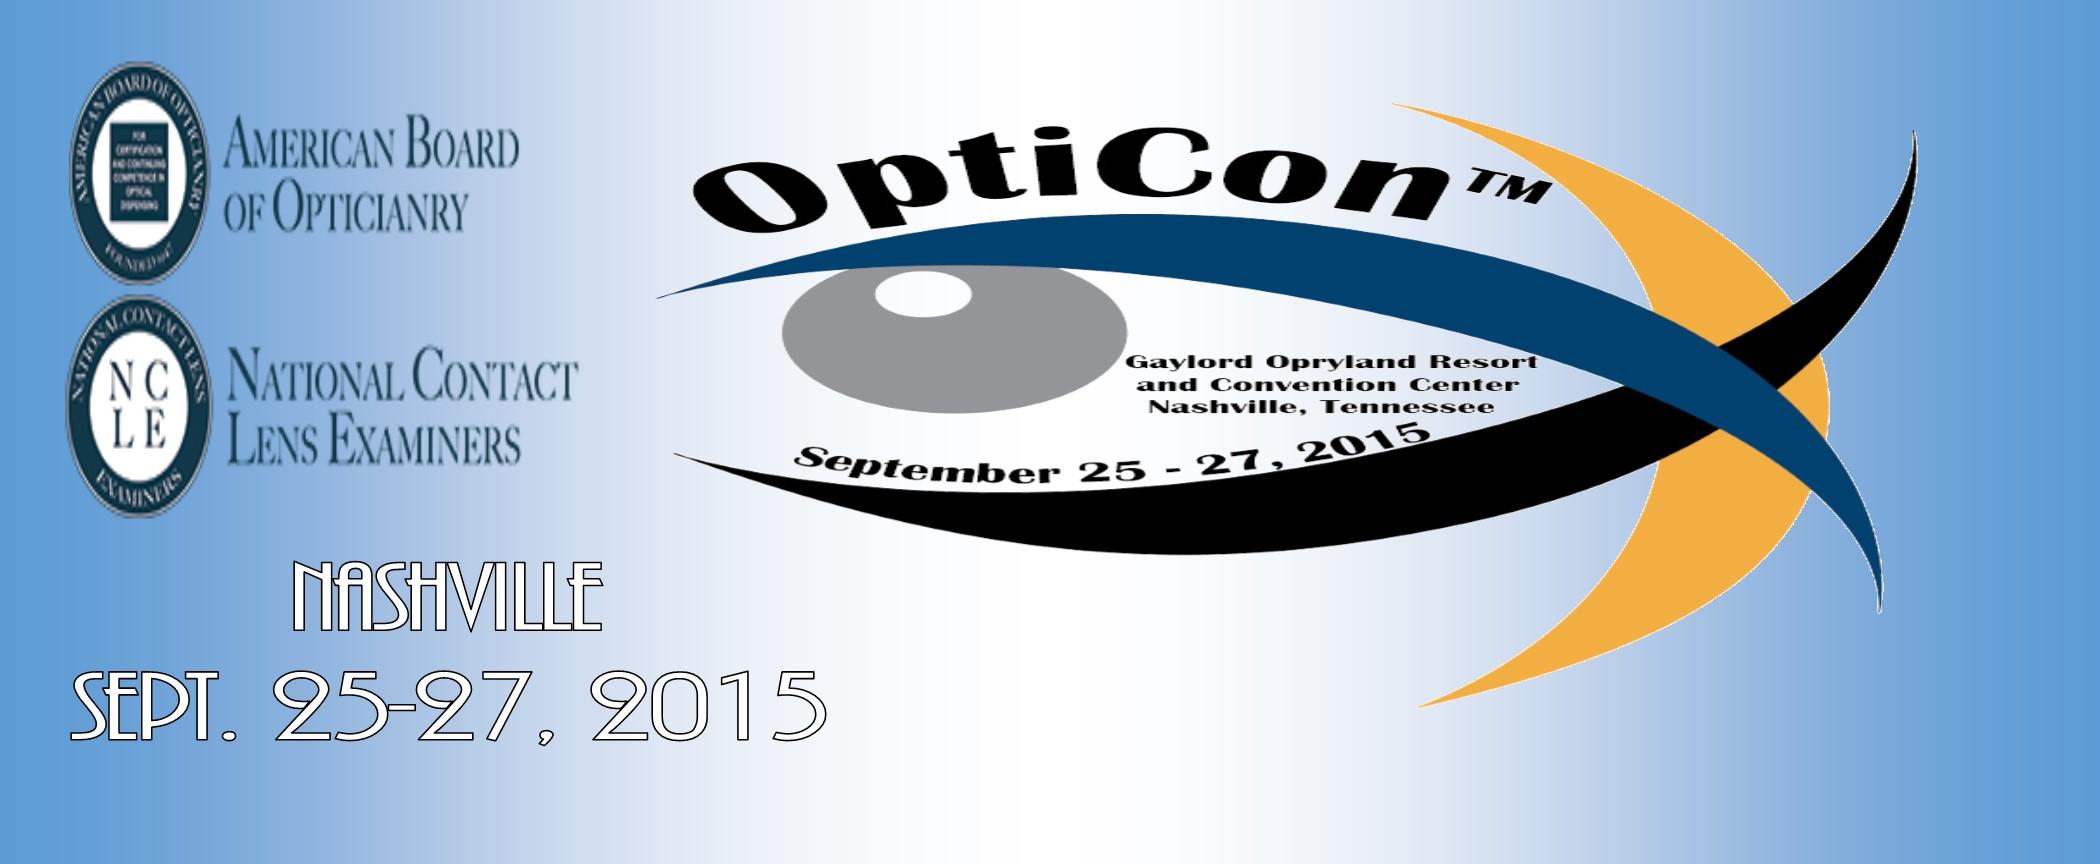 Optic-Con